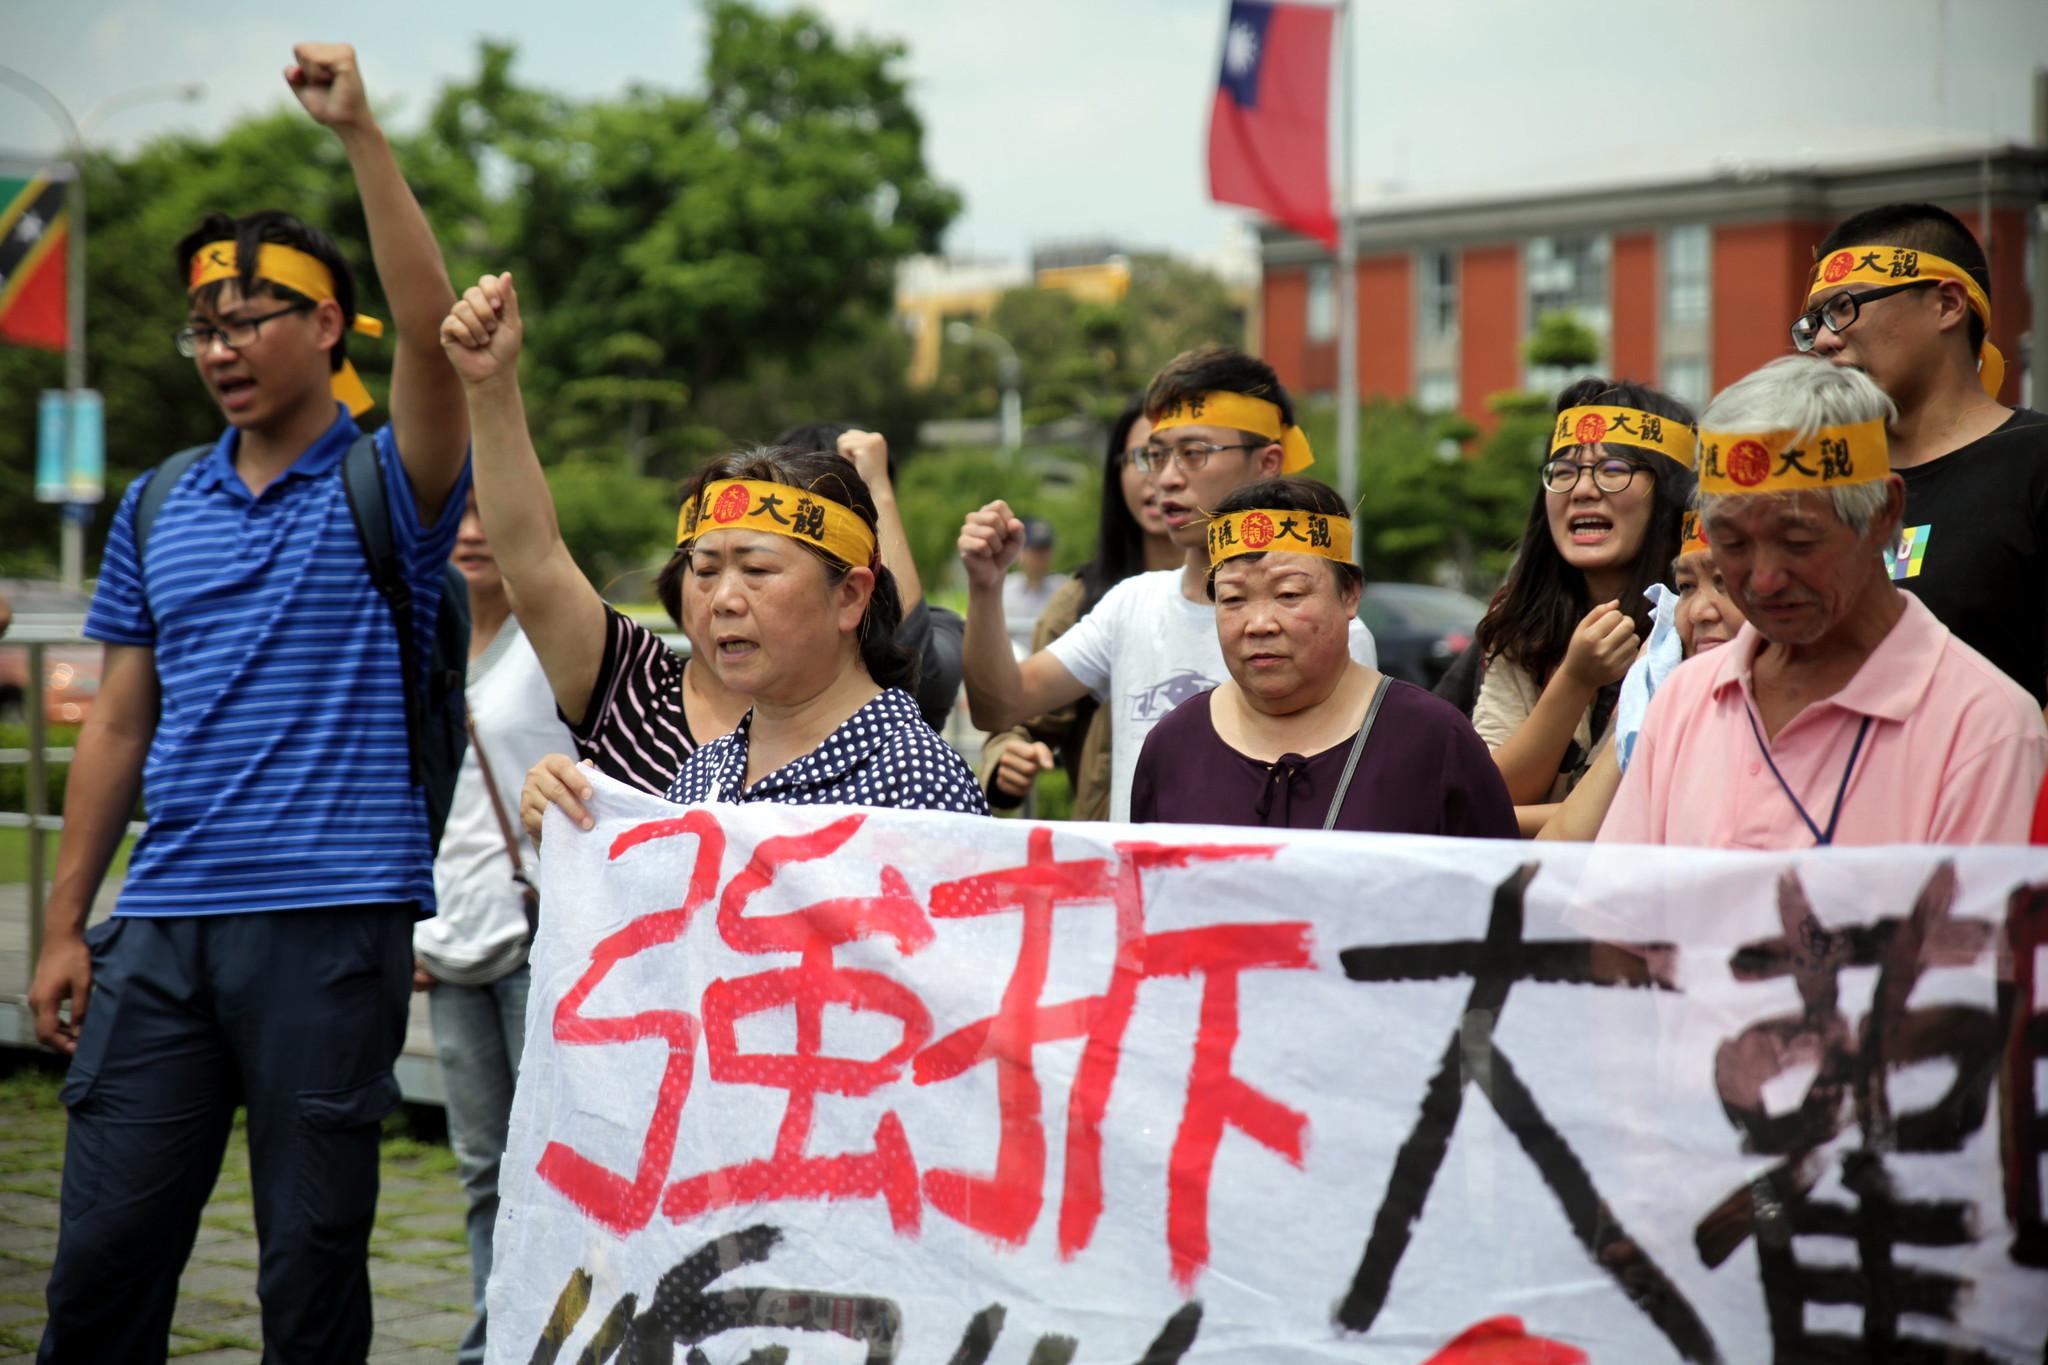 居民喊口號「強拆大觀在即,總統解決爭議」。(攝影:陳逸婷)